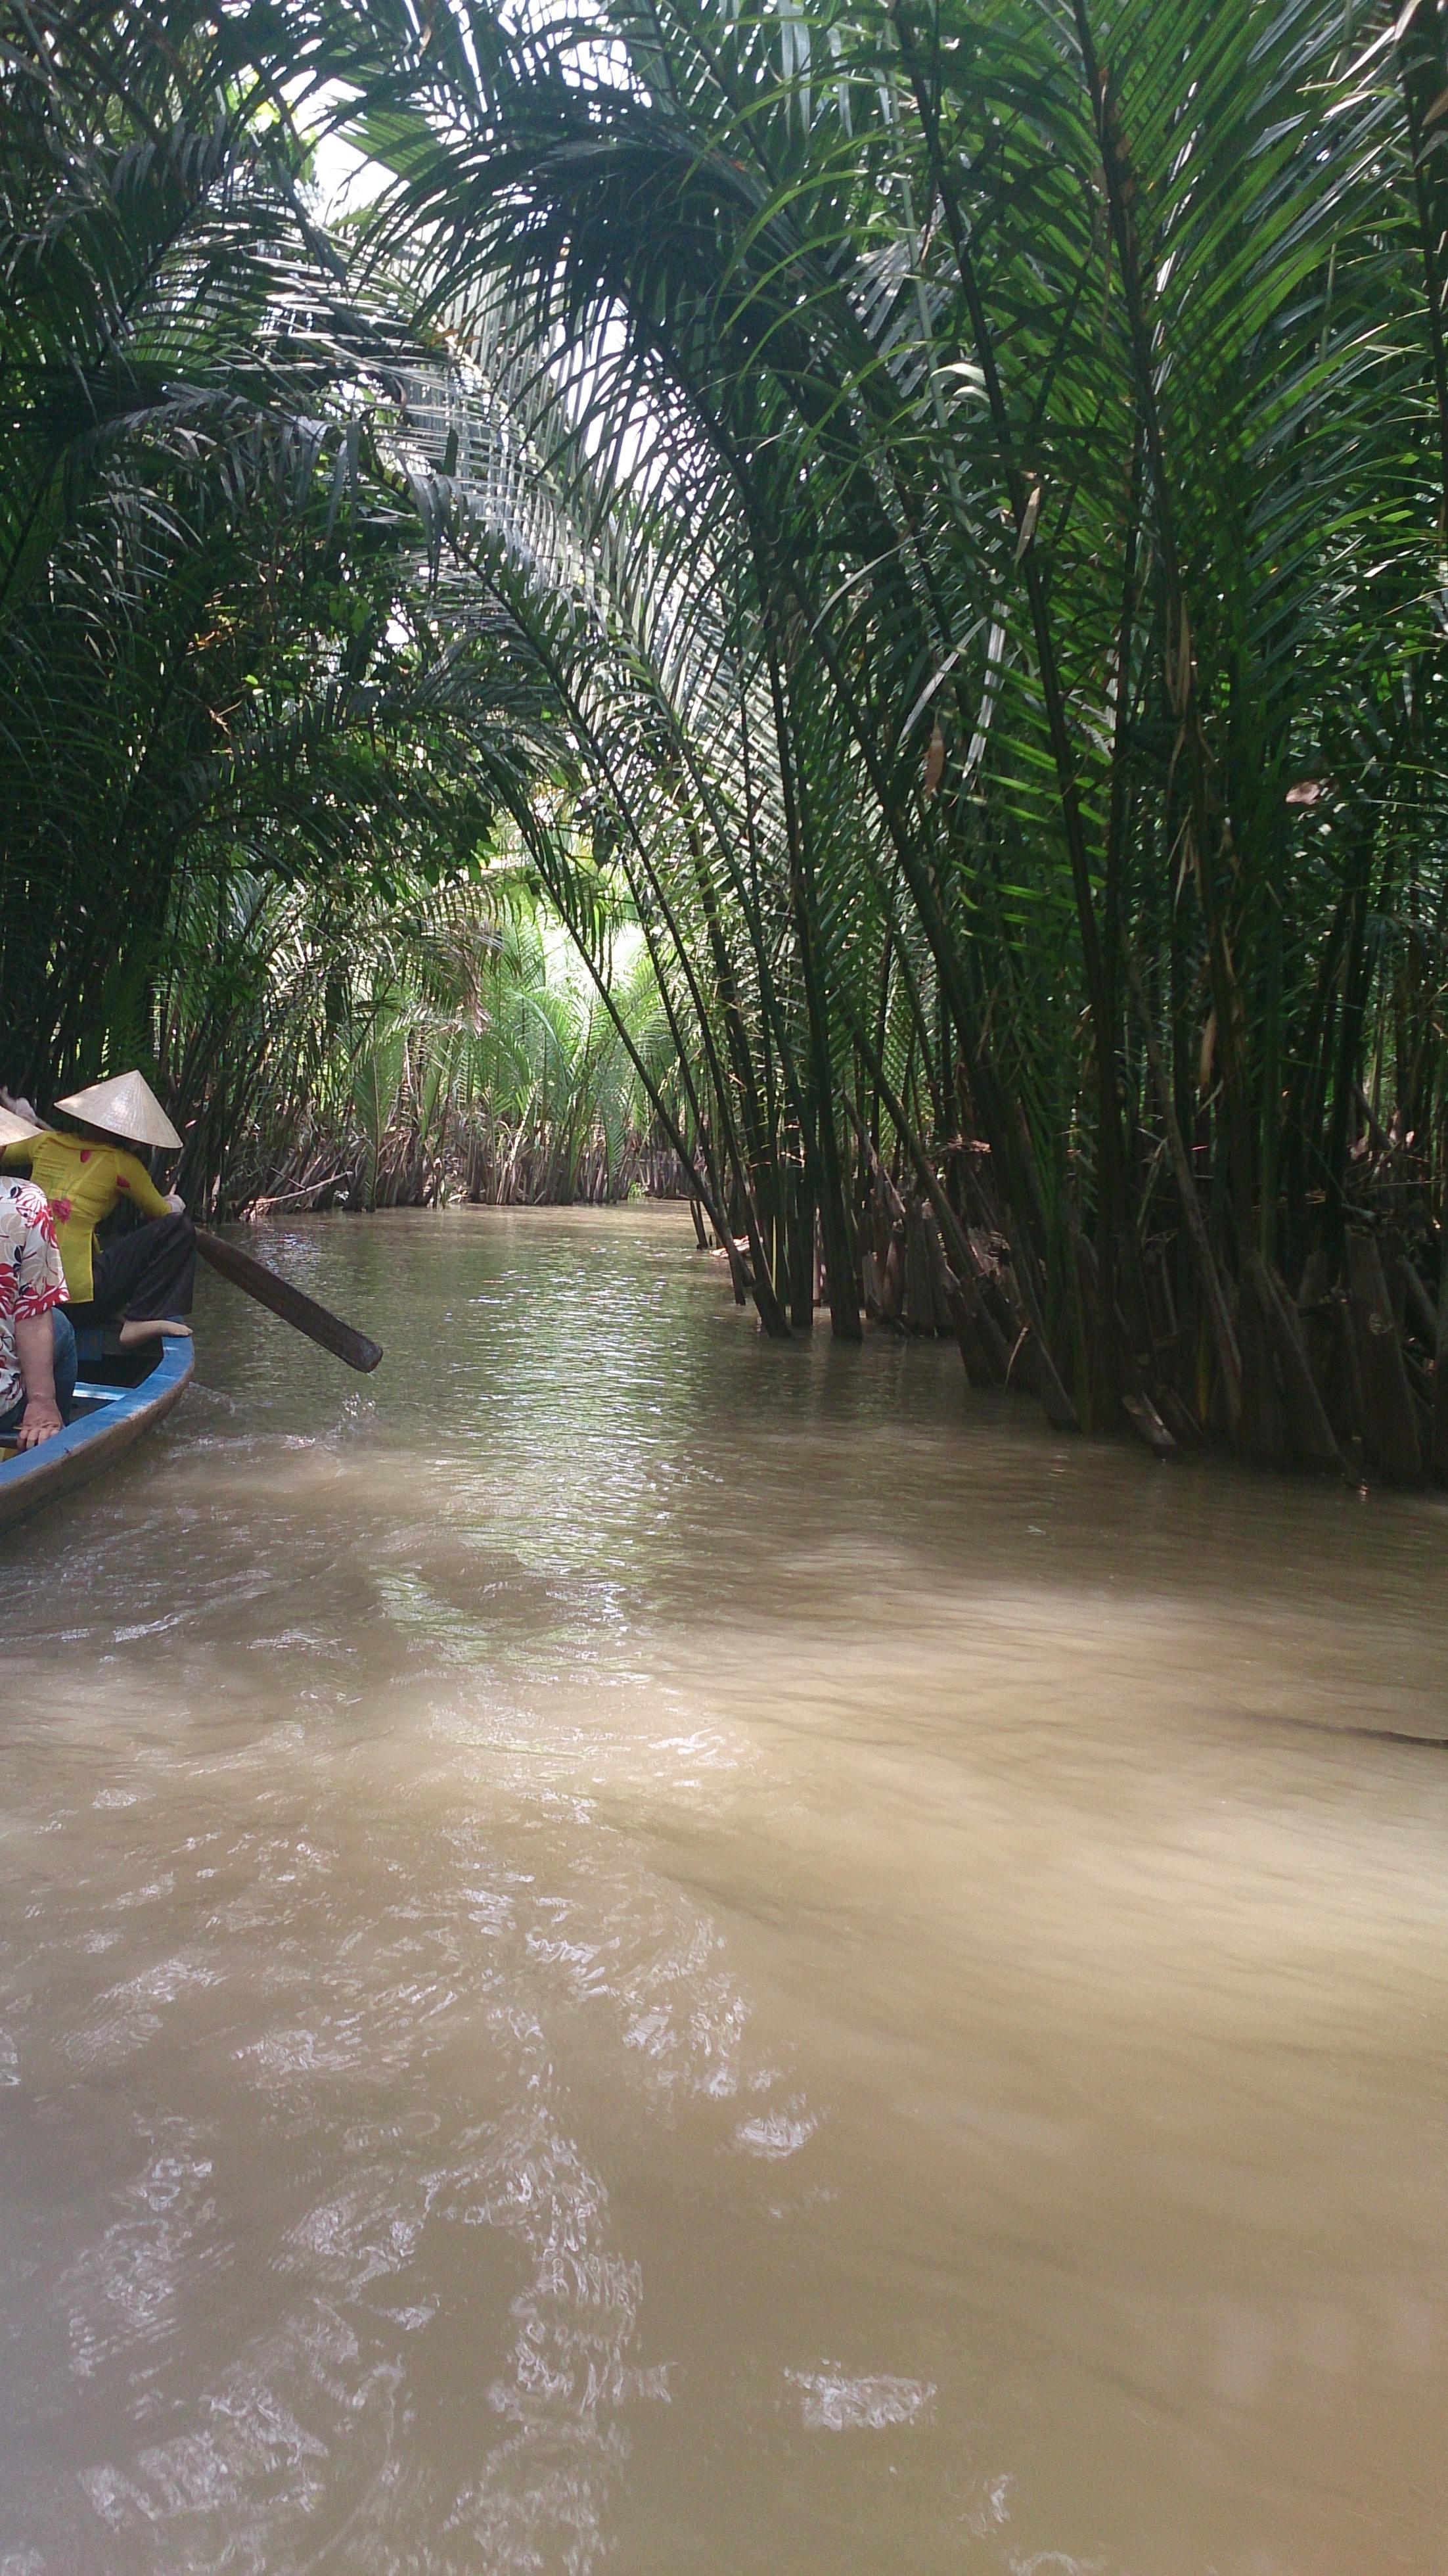 ミトーのメコン川ボートツアーで南国を感じる